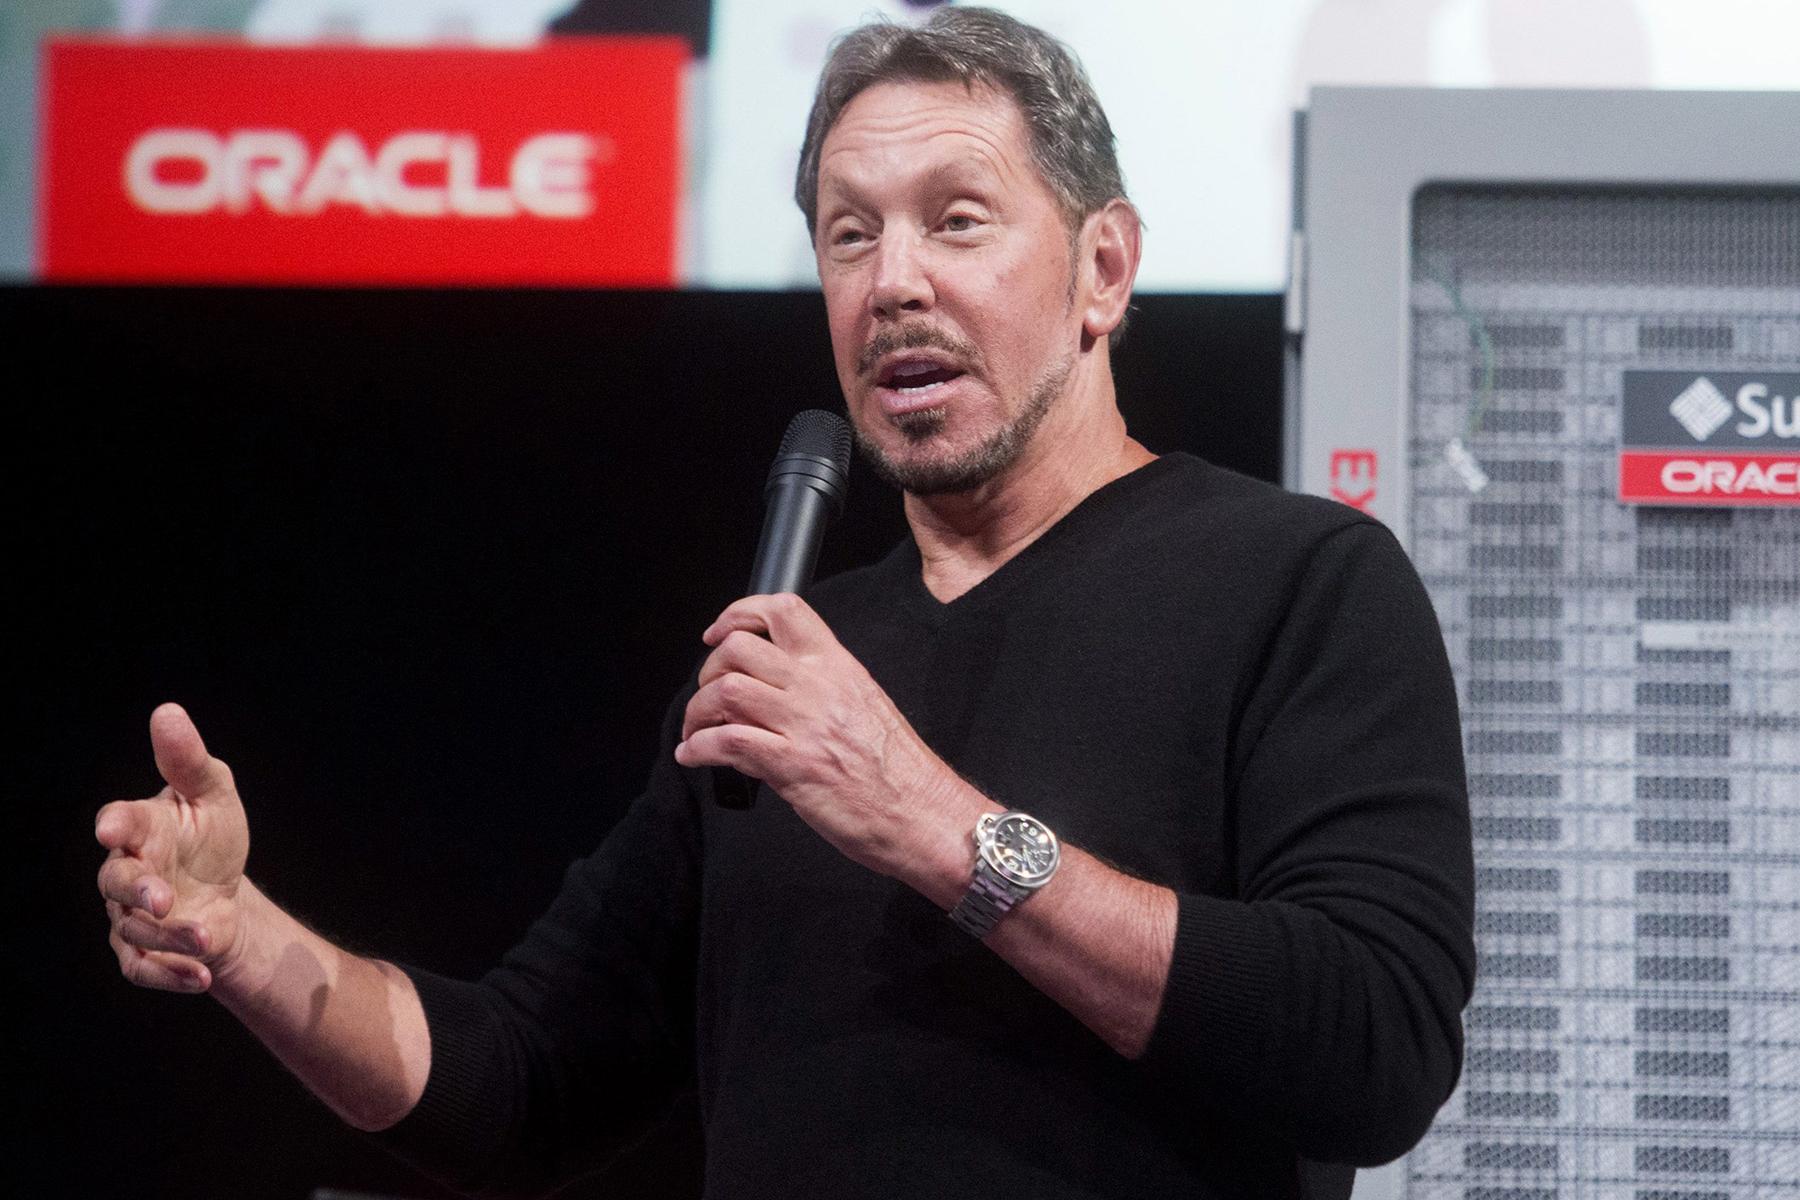 Sinh ra bởi một người mẹ đơn thân tuổi vị thành niên, Larry Ellison lớn lên ở Chicago cùng cô chú mình. Sau khi cô của ông mất, ông bỏ ngang trường đại học và mất 8 năm làm đủ mọi nghề kỳ lạ. Năm 1977, ông thành lập công ty phát triển phần mềm Oracle - hiện đã trở thành một trong những công ty công nghệ lớn nhất thế giới. Hiện Larry Ellison sở hữu tổng tài sản lên đến 51,3 tỷ USD.